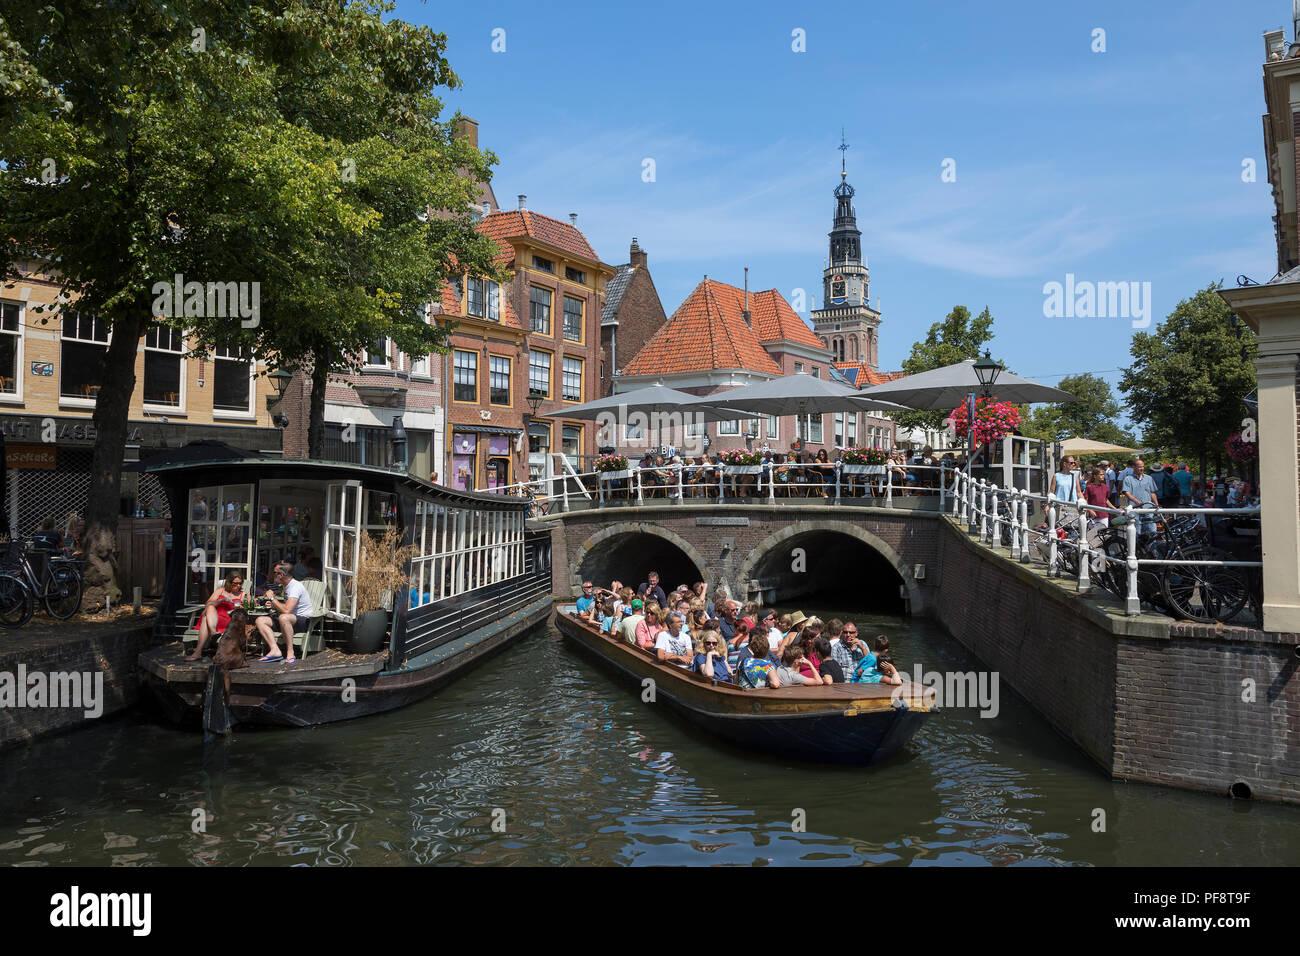 Alkmaar, Holanda - 20 de julio de 2018: viaje en barco excursiones turísticas en el centro histórico de la ciudad de Alkmaar Imagen De Stock